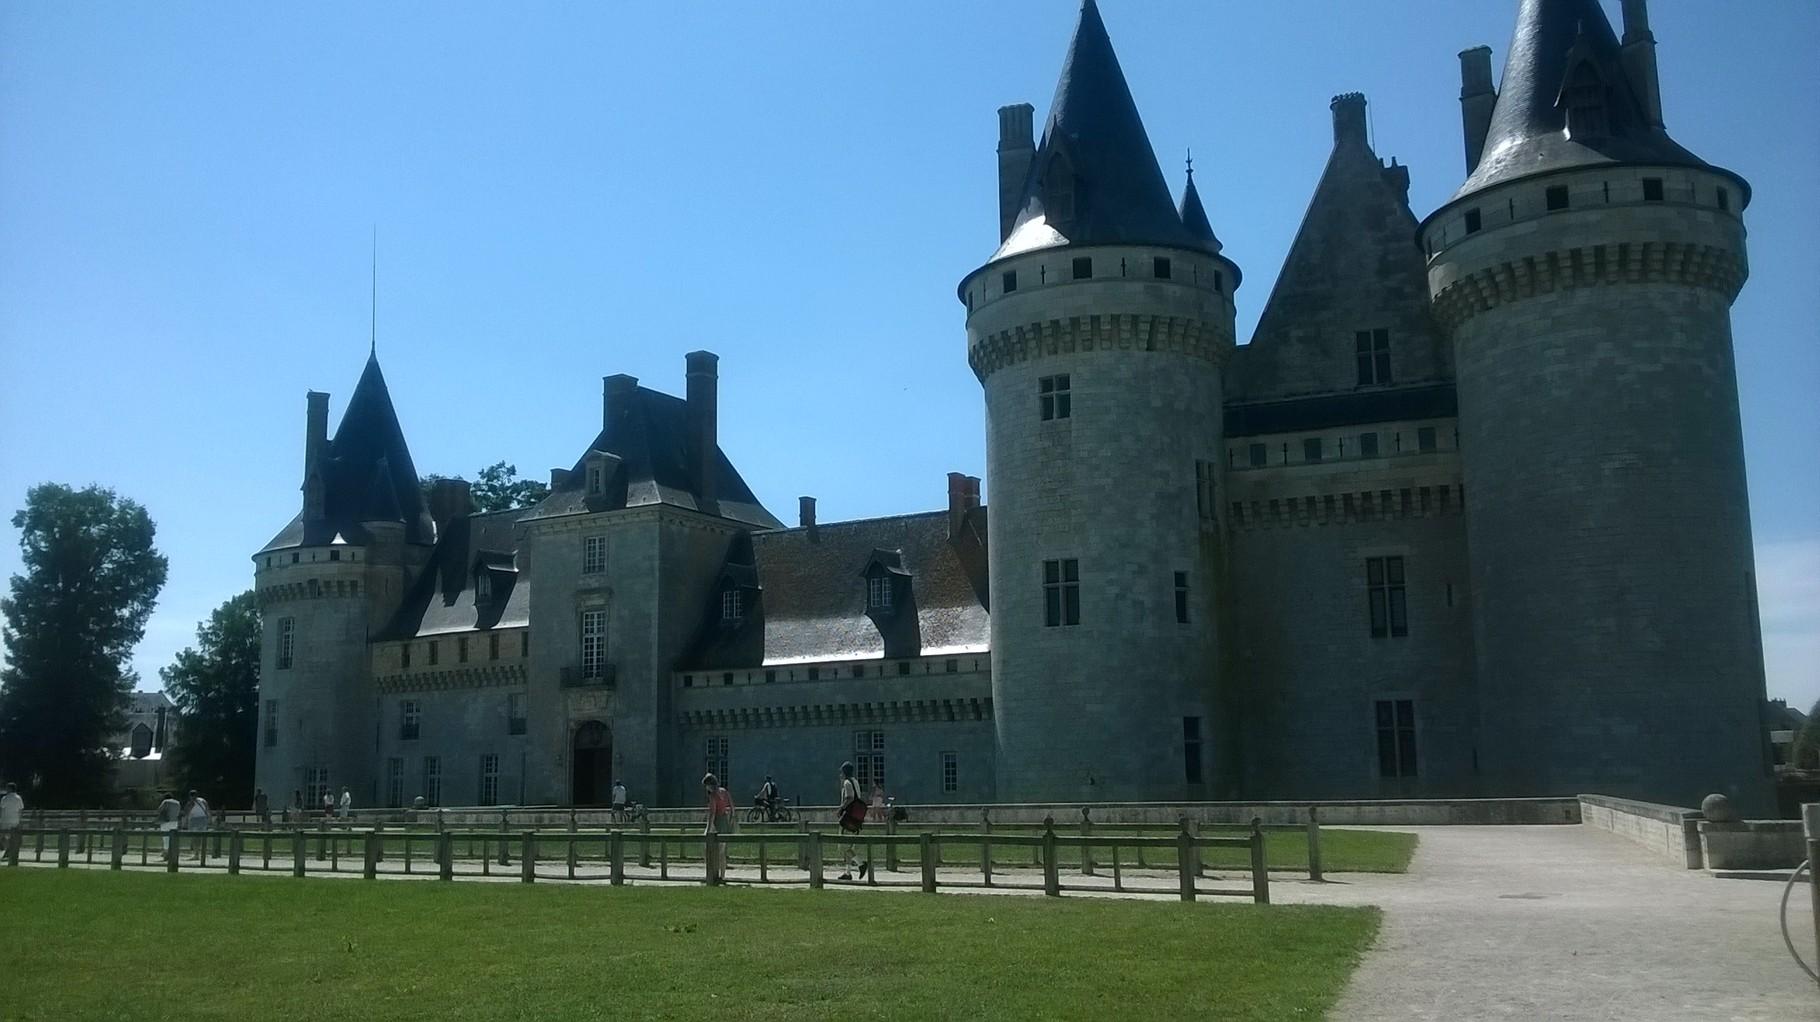 La château de Sully sur Loire